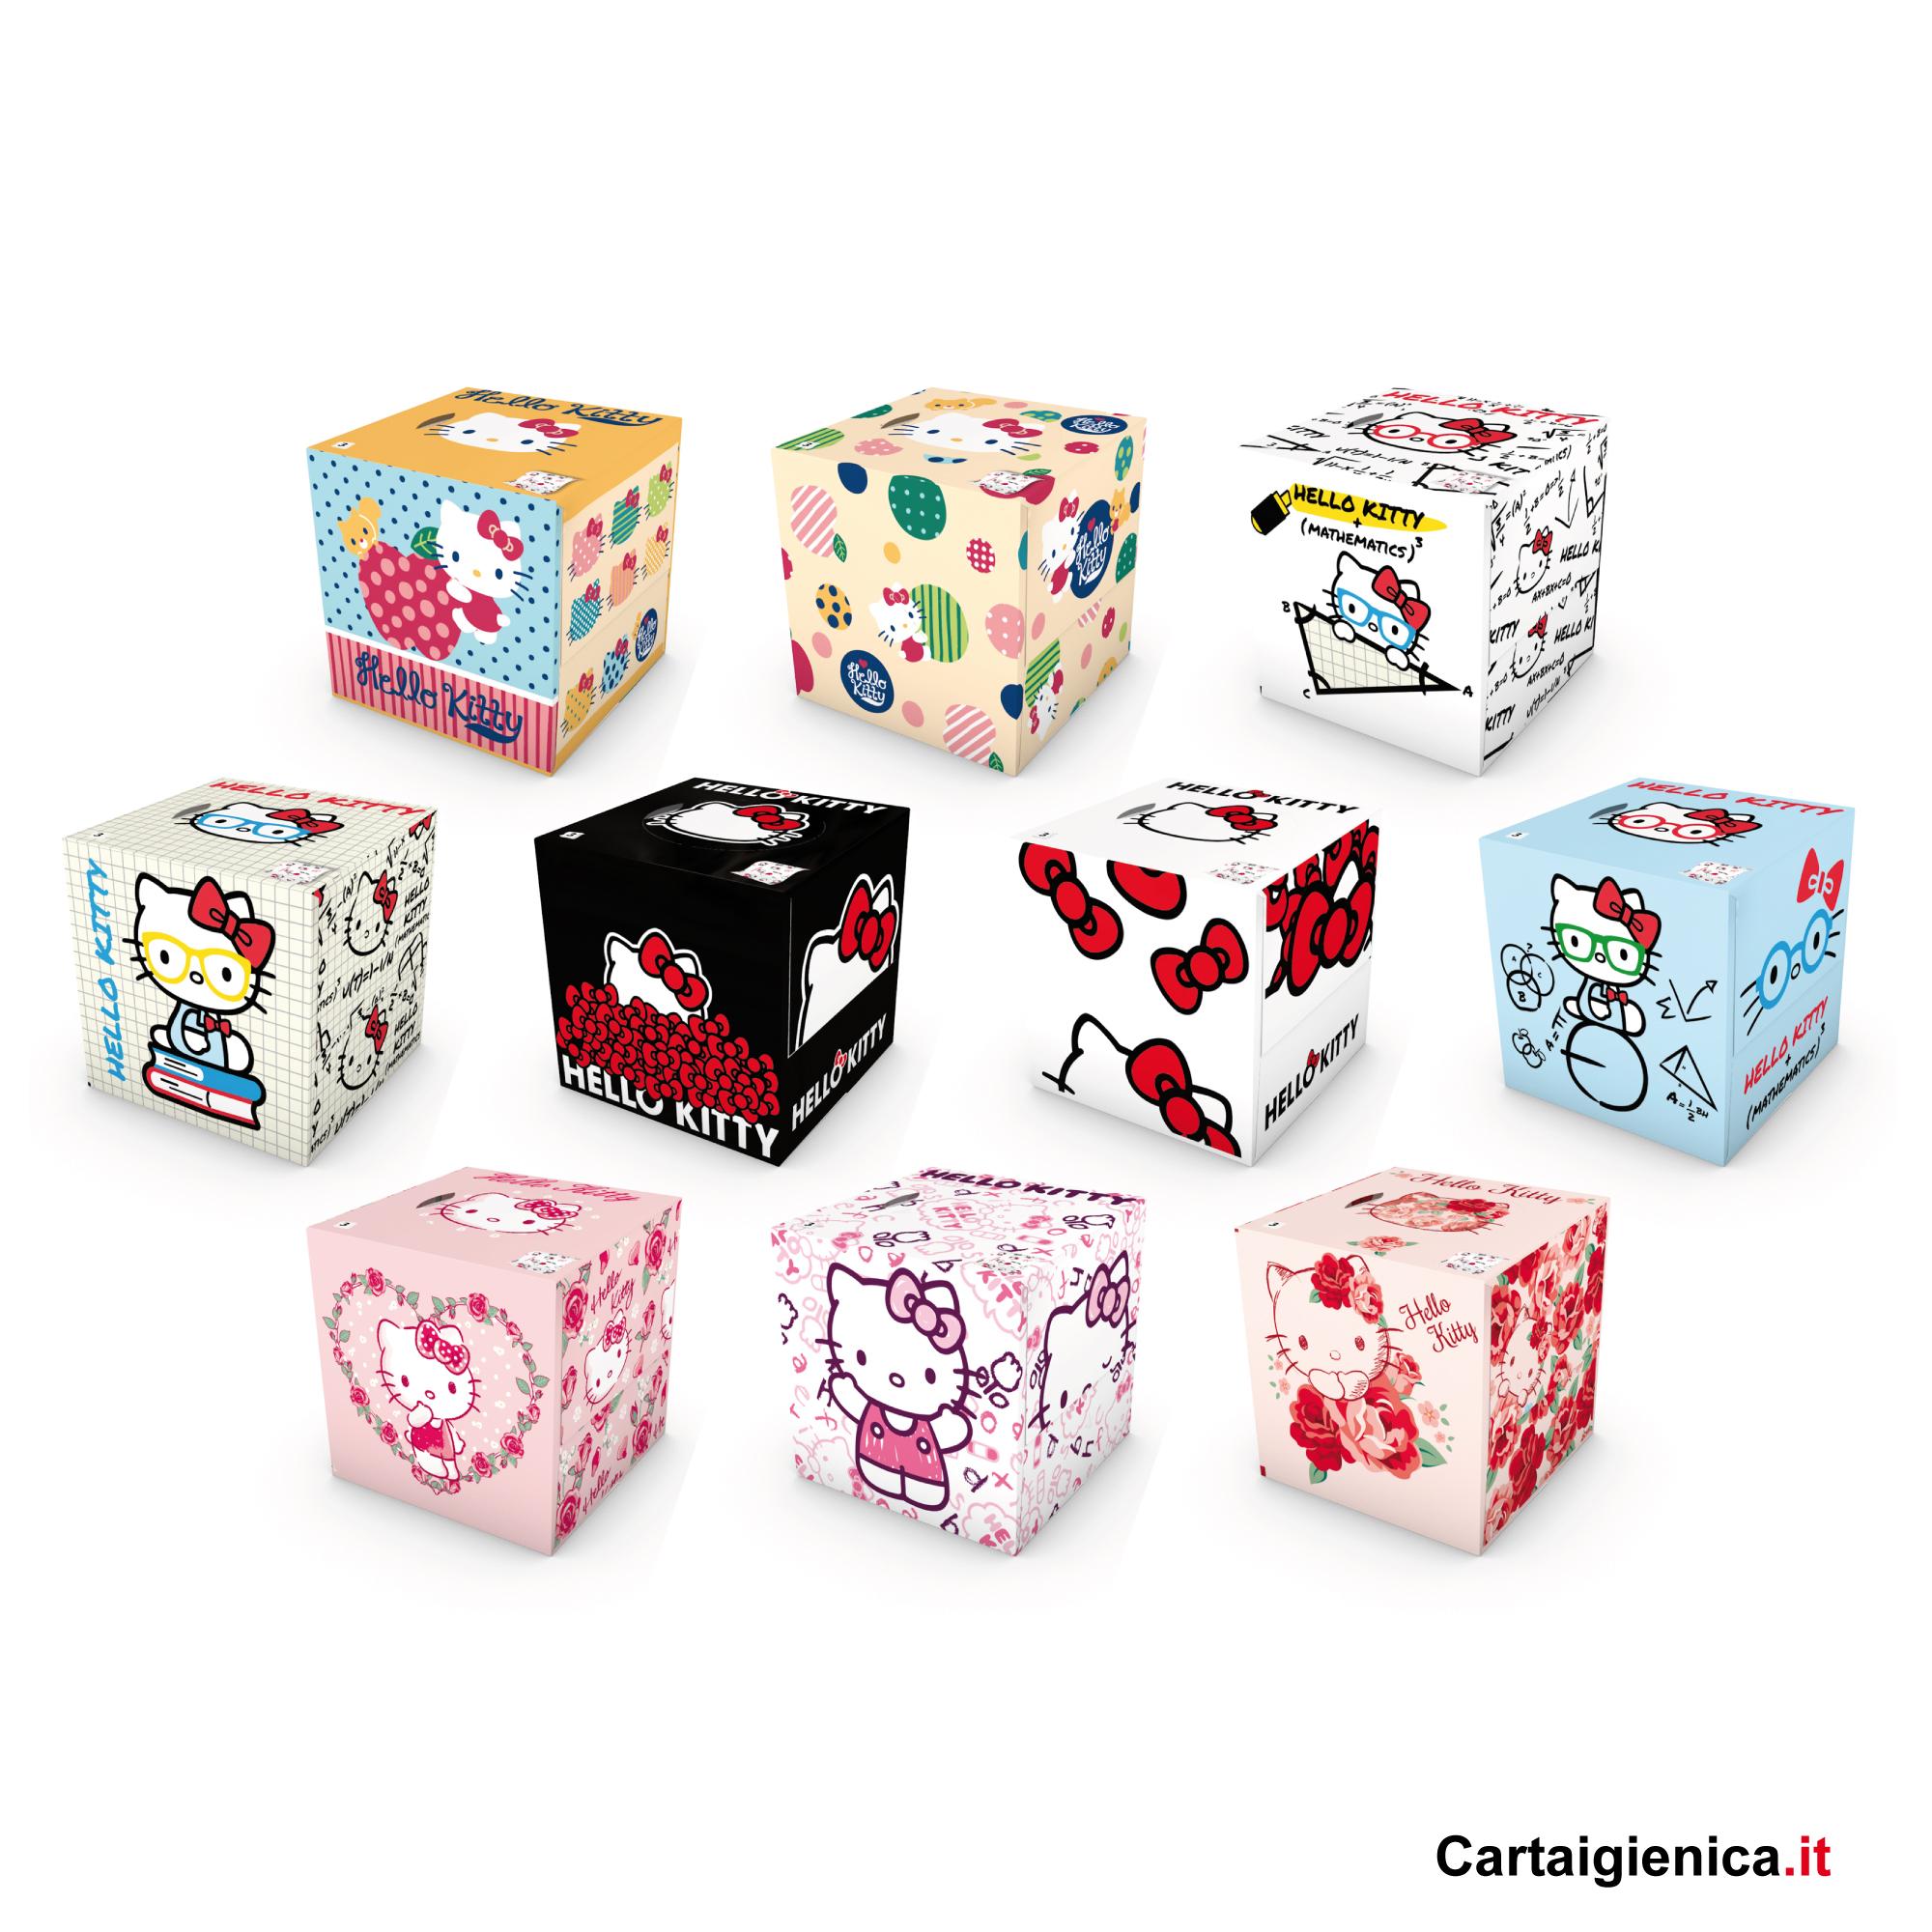 kartika veline hello kitty box cubo fazzoletti per bambini colori regalo